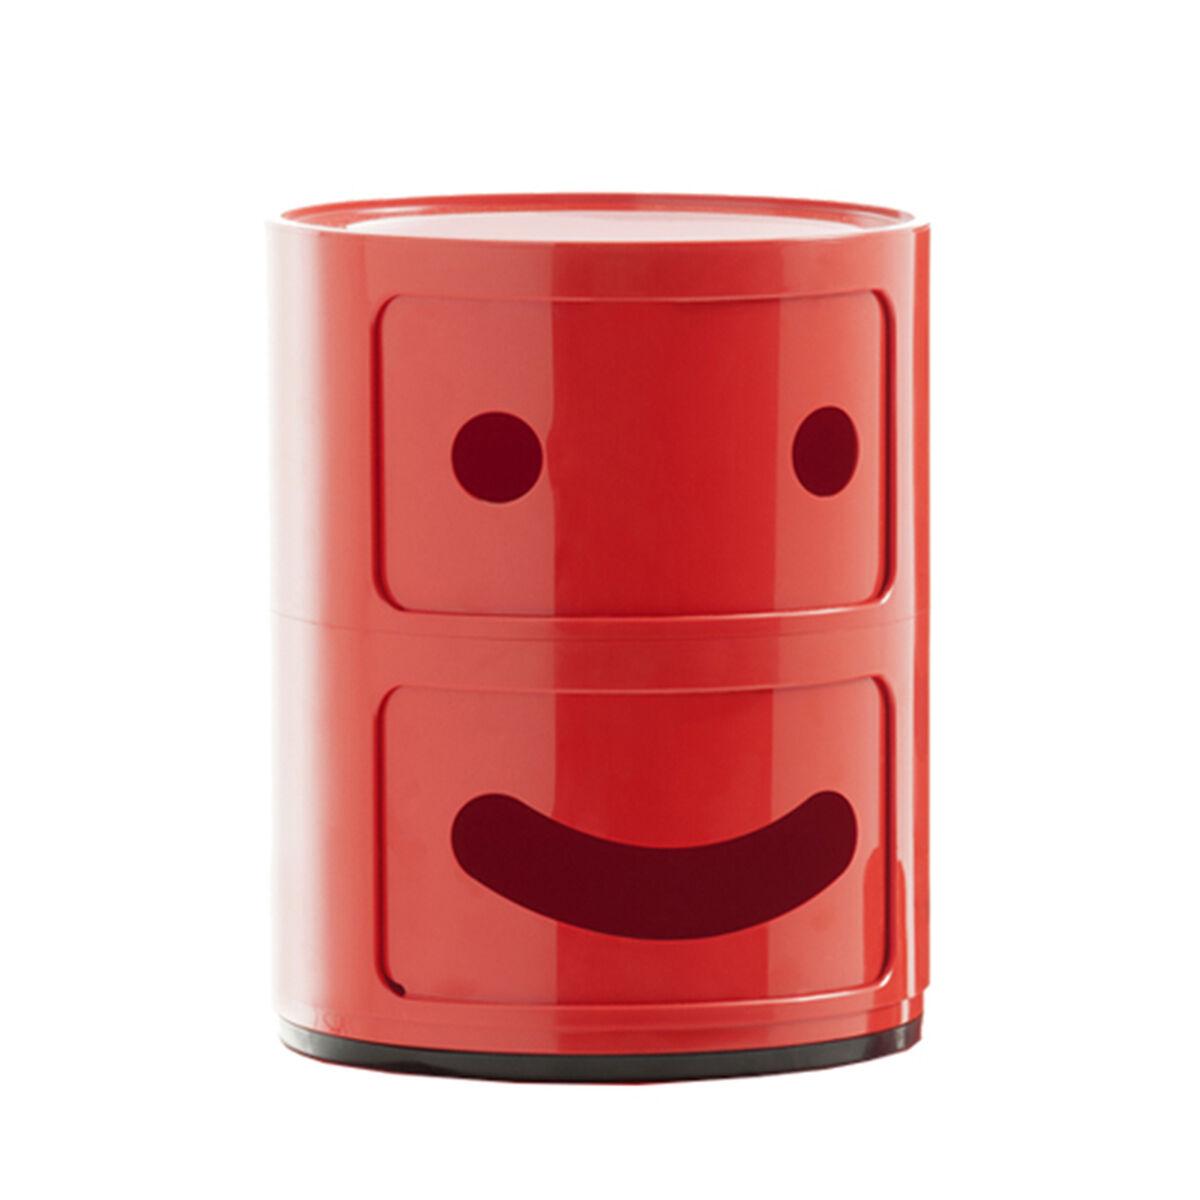 Kartell Componibili Smile s�ilytyskaluste 1, 2-osainen, punainen